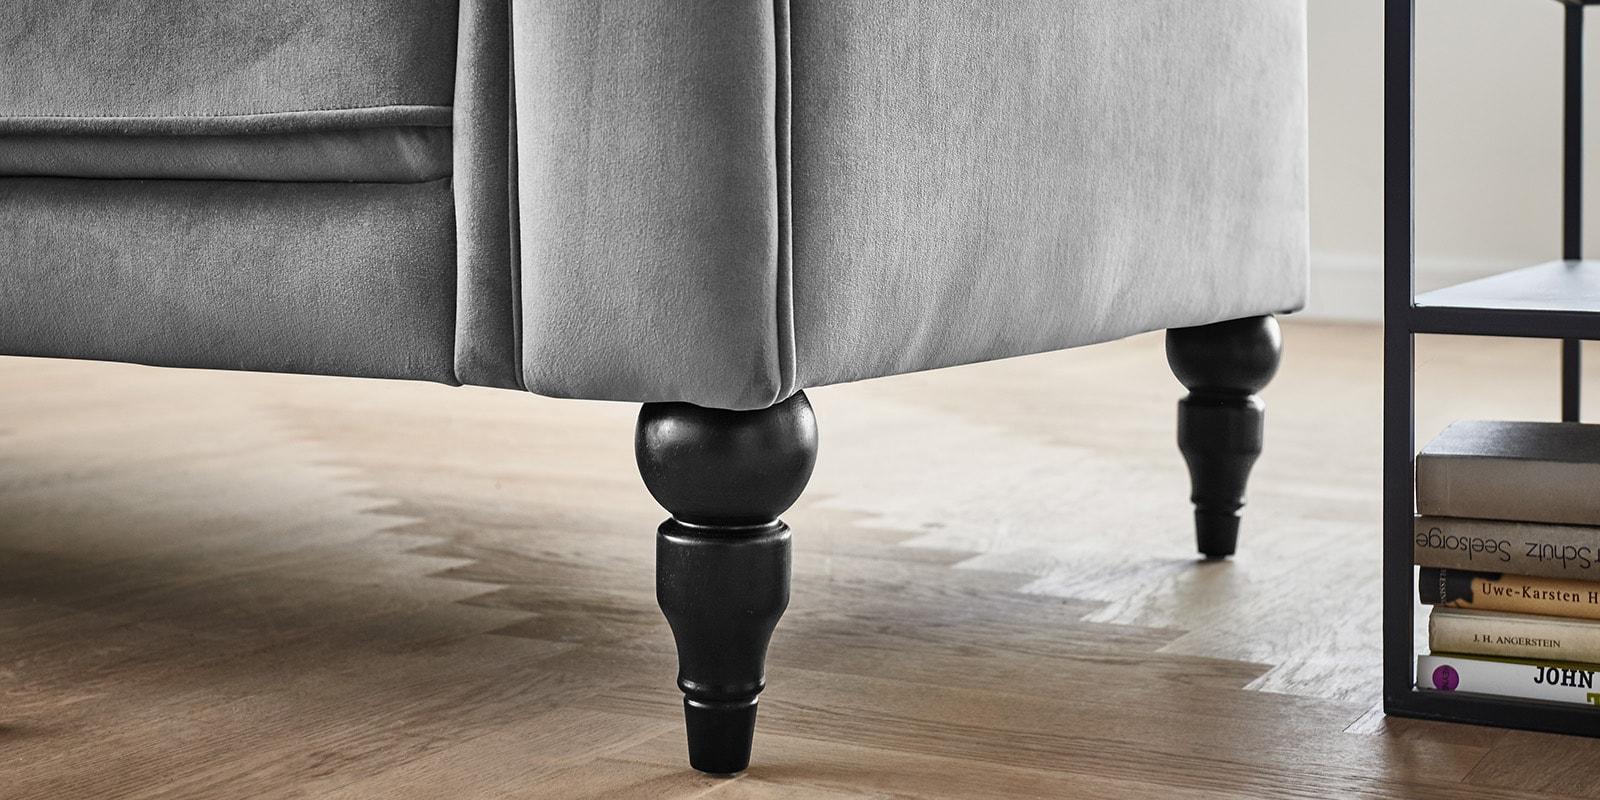 Moebella24 - 3-2-1-Sitzer - Sofa - Hudson - Chesterfield - Samt - Grau - Dekorative - Nähte - und - Versteppungen - Knopfheftung - Barock-Design - Füße - Detailaufnahme